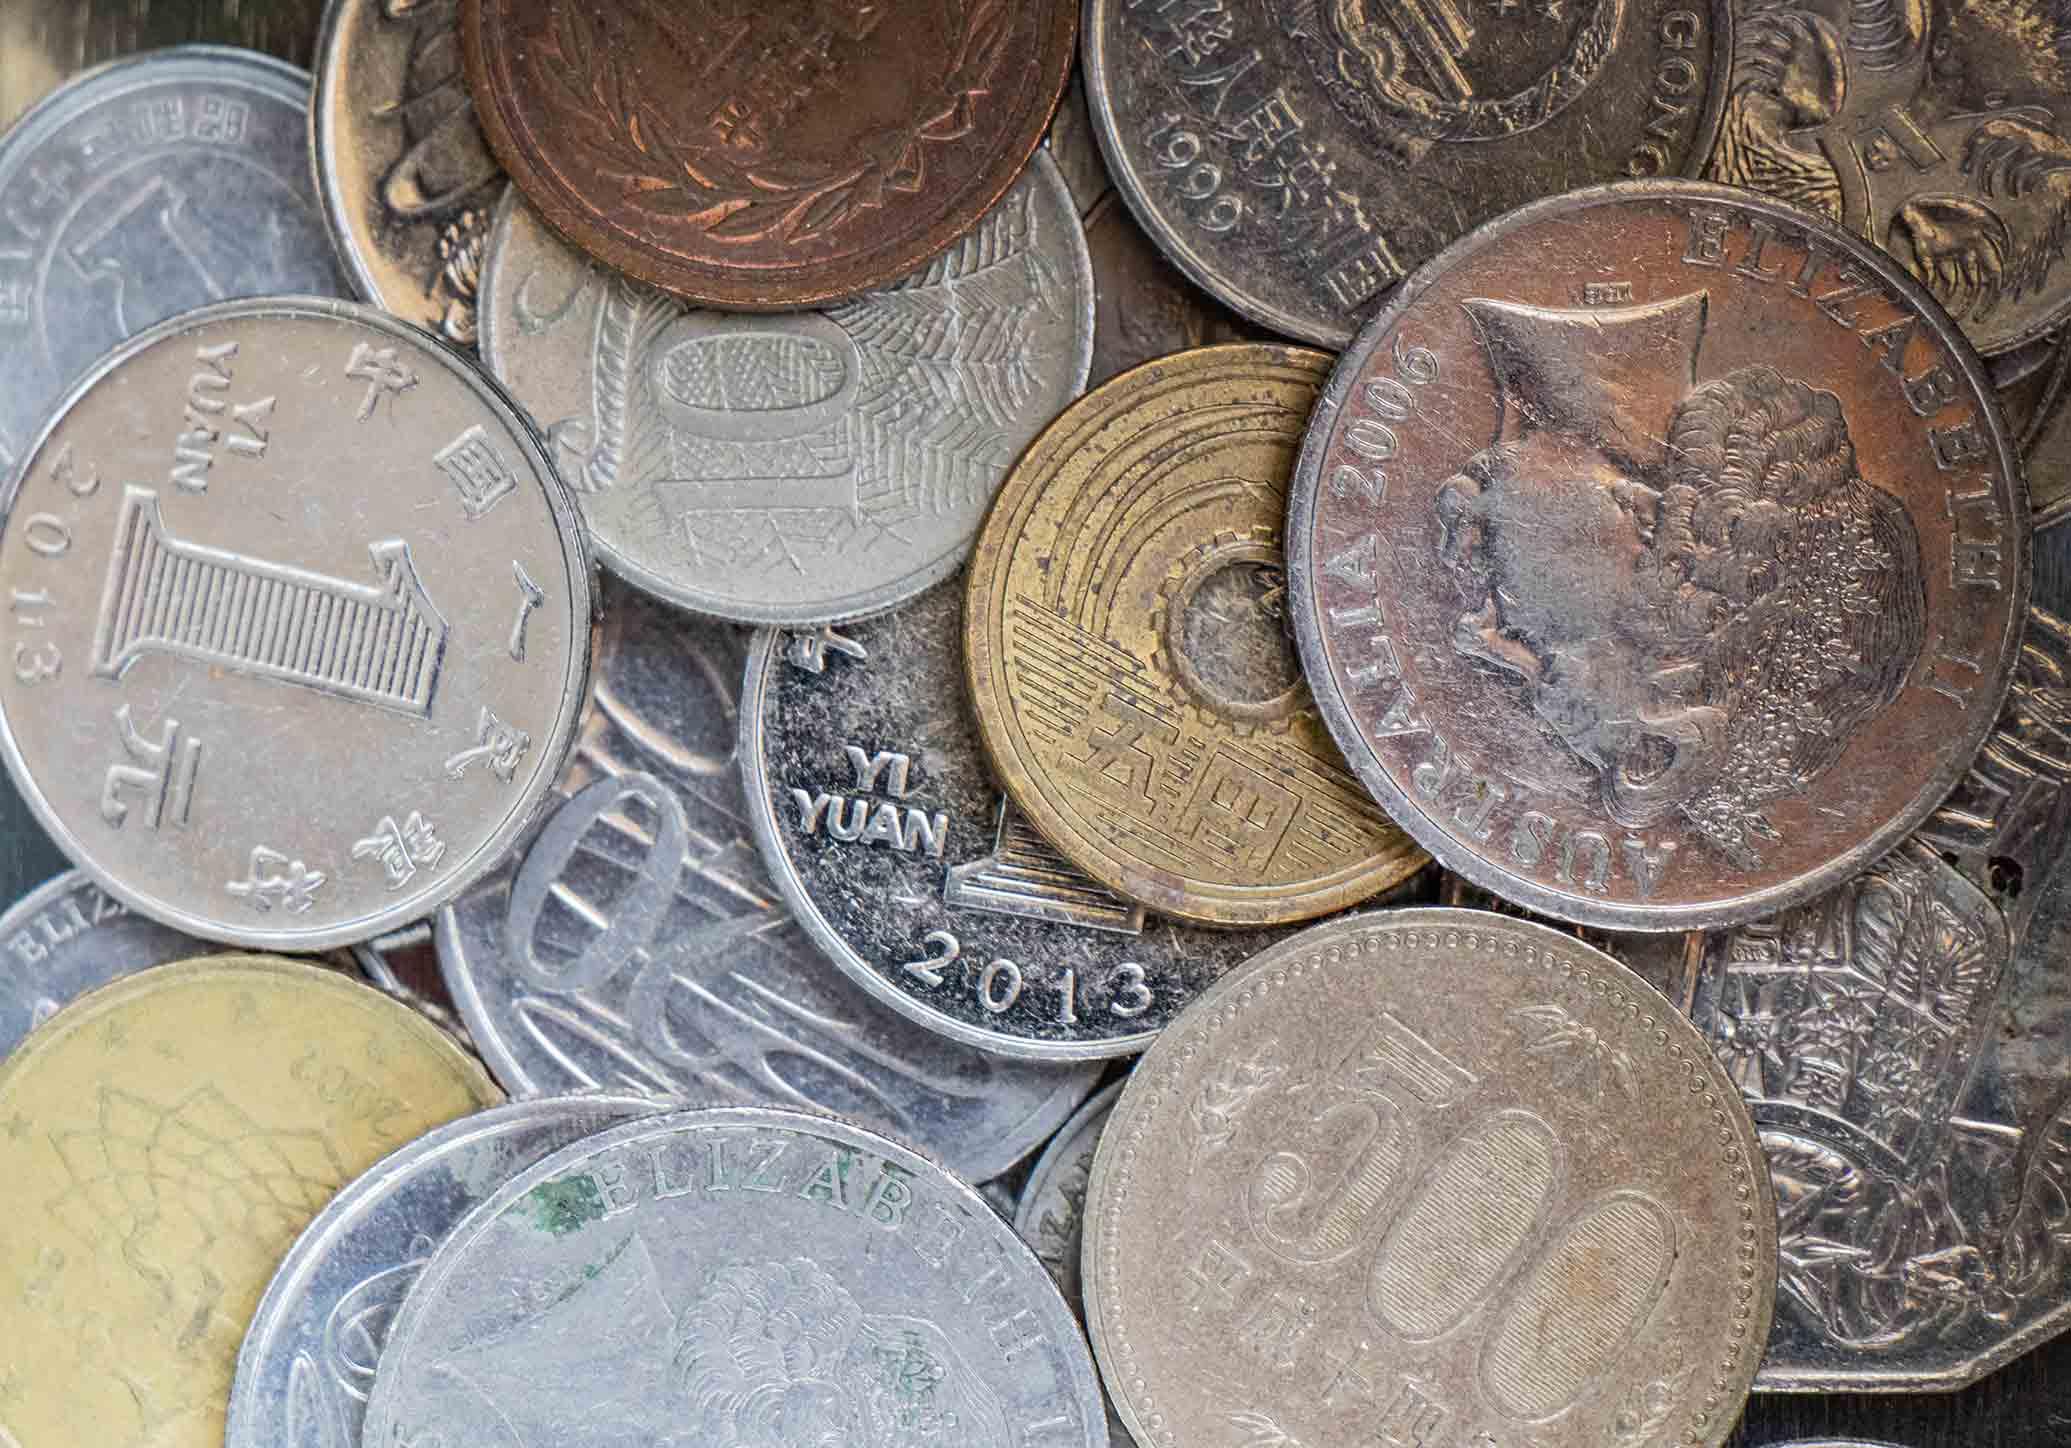 Guia para vender moedas antigas